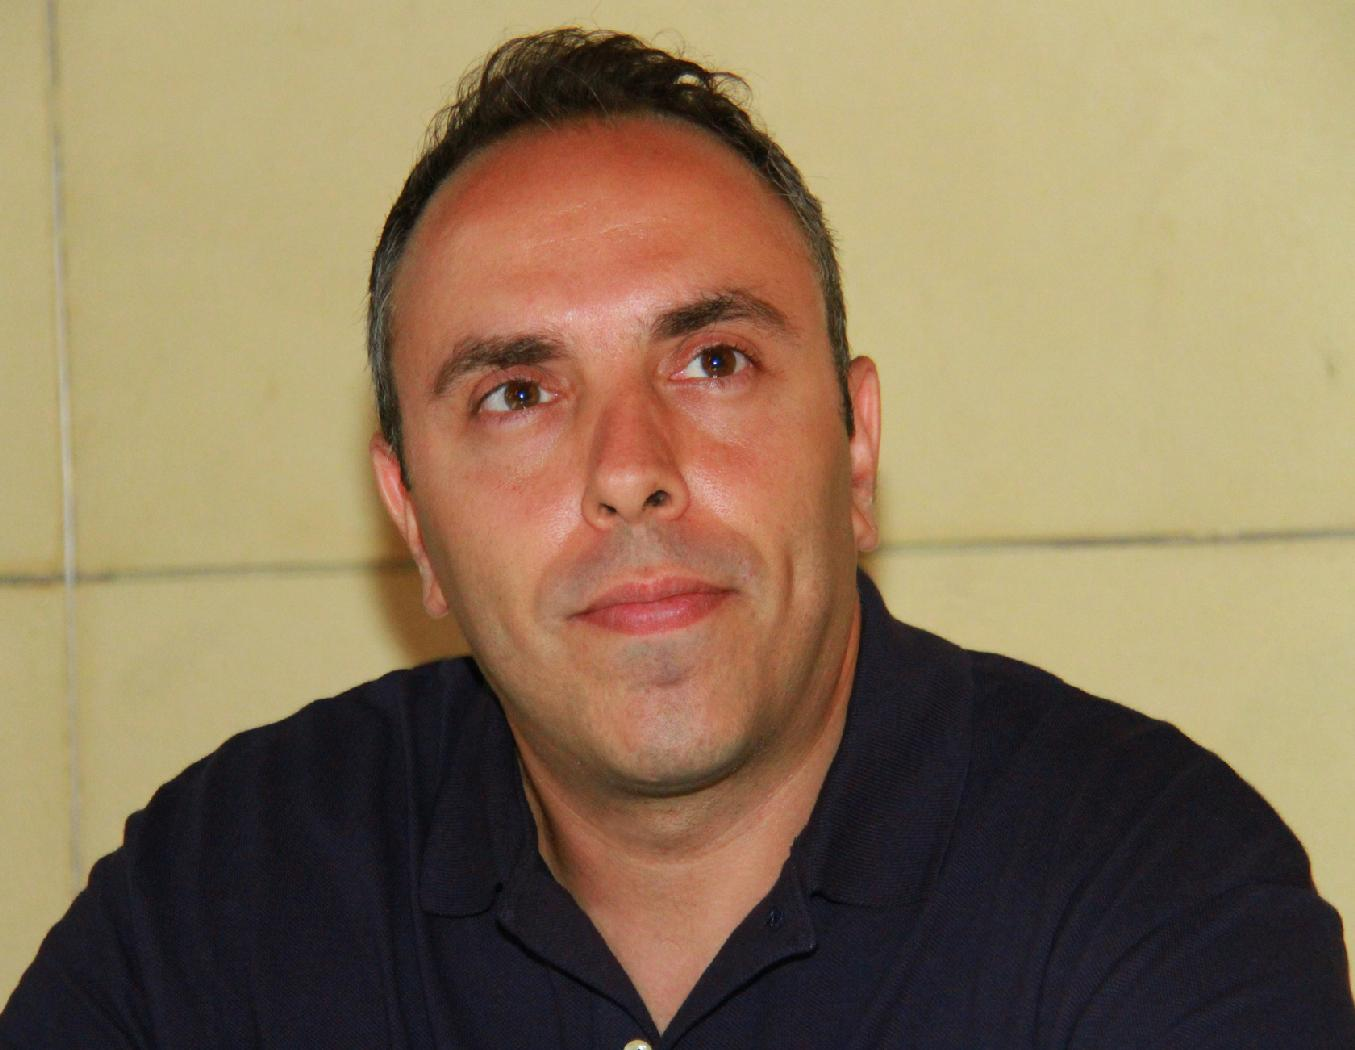 Yaron Samid